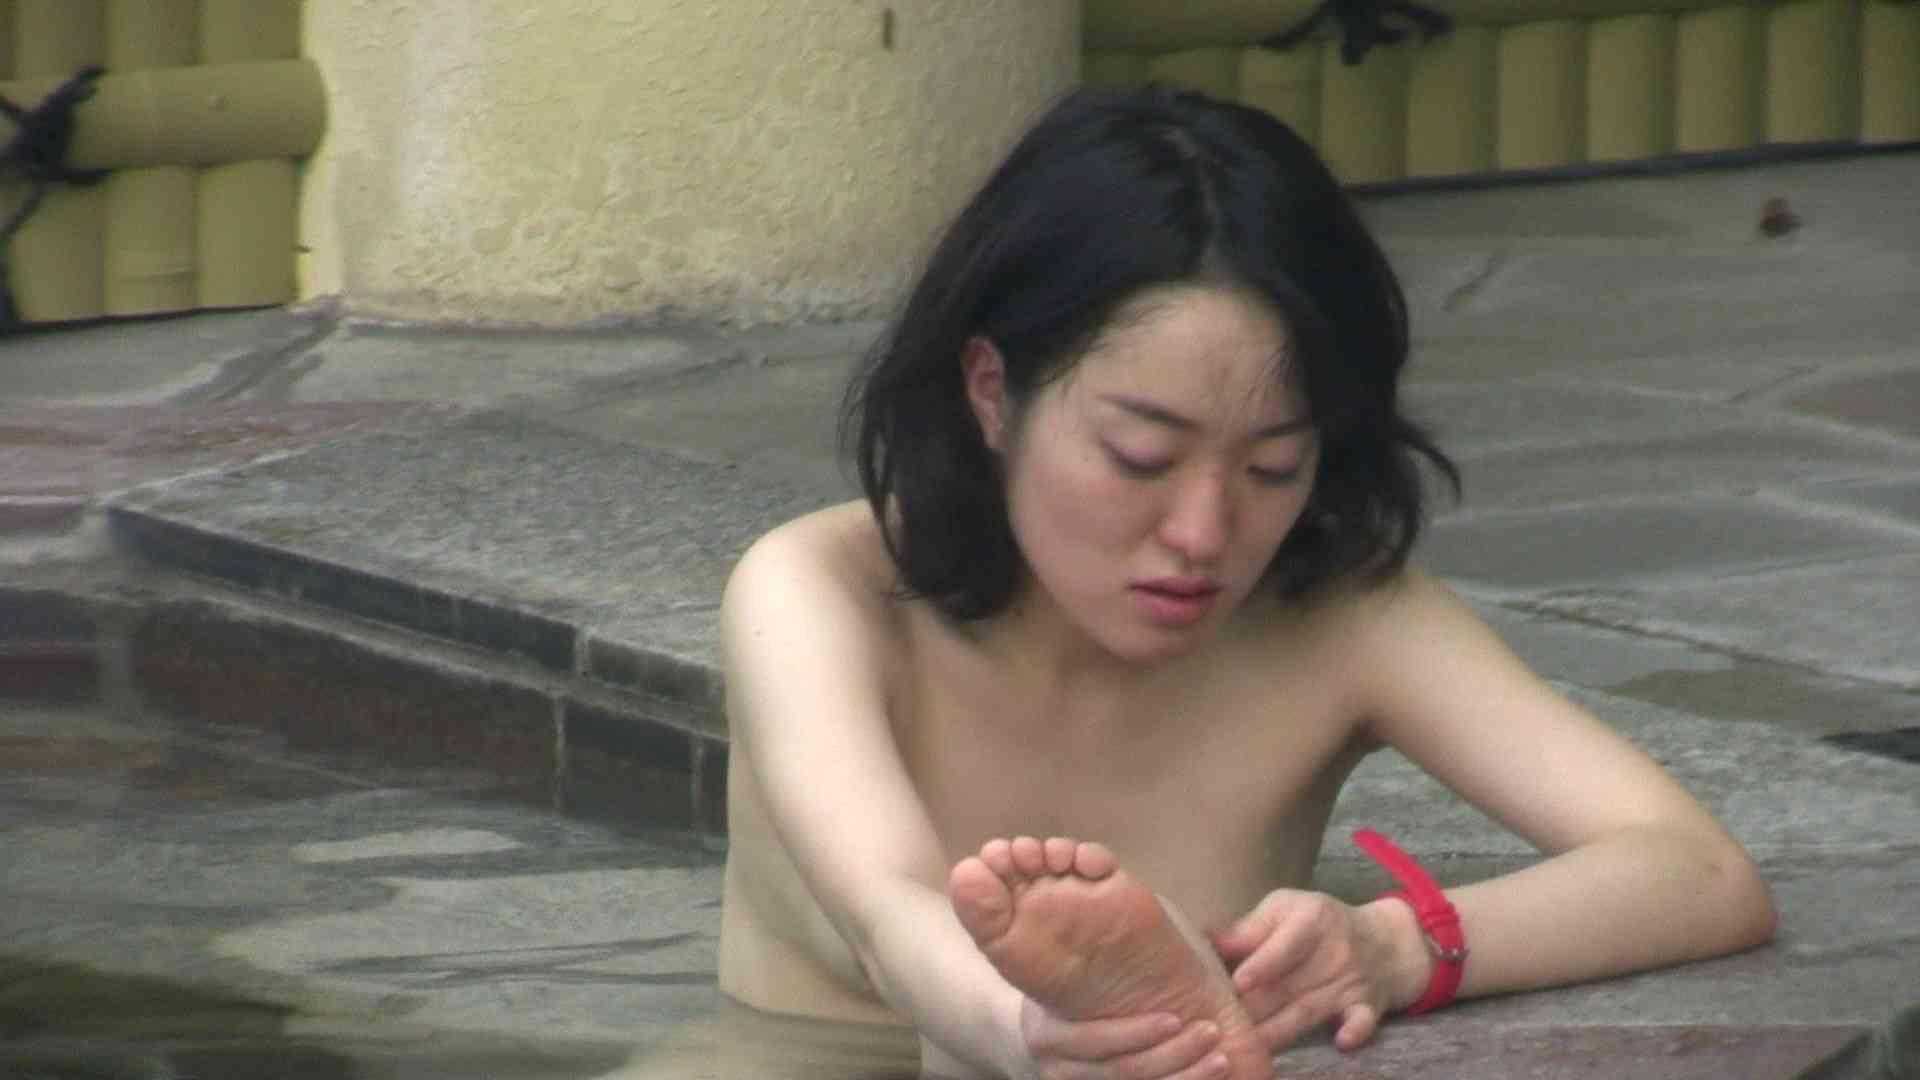 Aquaな露天風呂Vol.681 盗撮シリーズ  94PIX 12